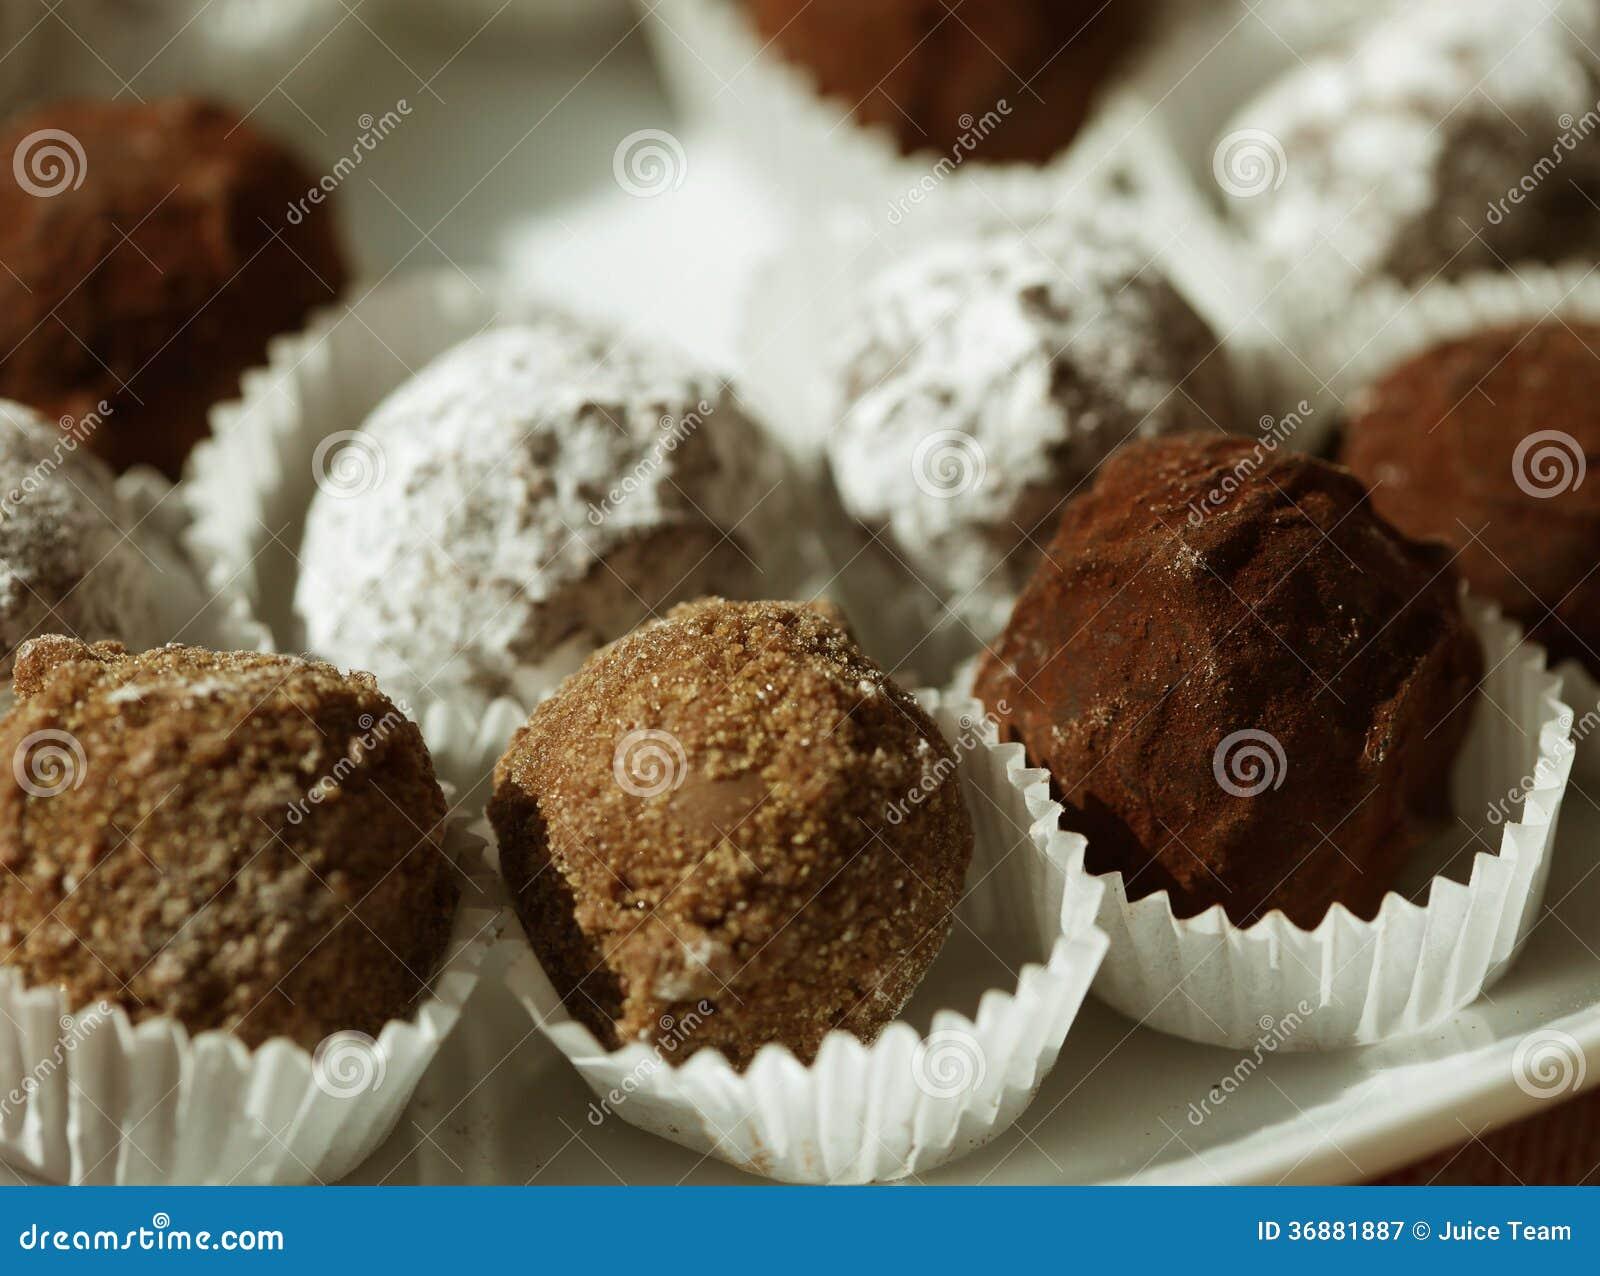 Download Cioccolato fatto a mano immagine stock. Immagine di variazione - 36881887